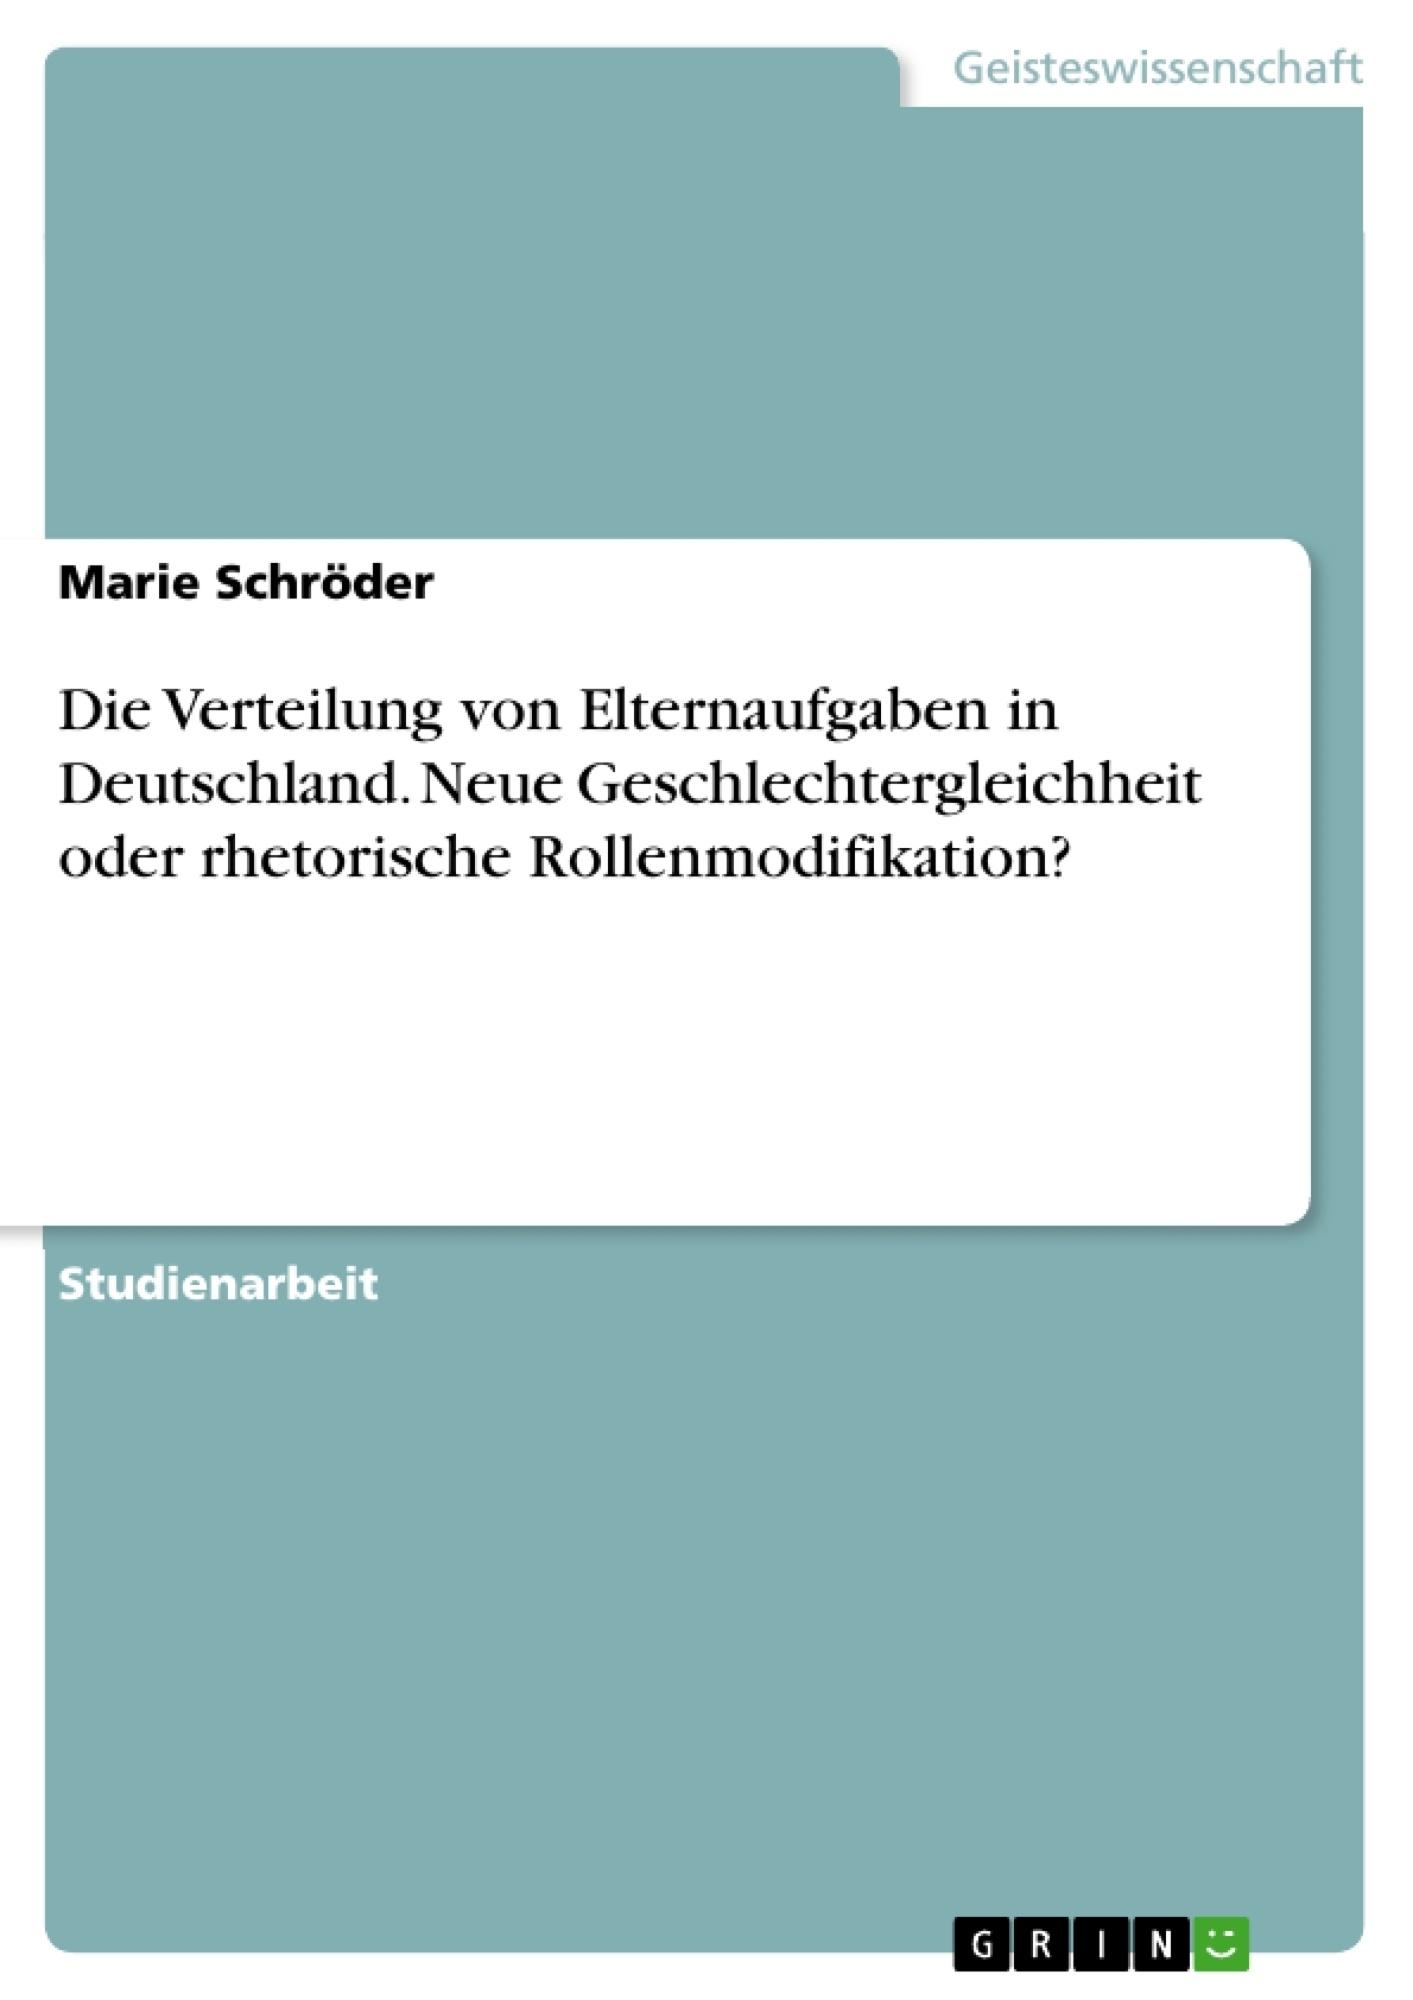 Titel: Die Verteilung von Elternaufgaben in Deutschland. Neue Geschlechtergleichheit oder rhetorische Rollenmodifikation?